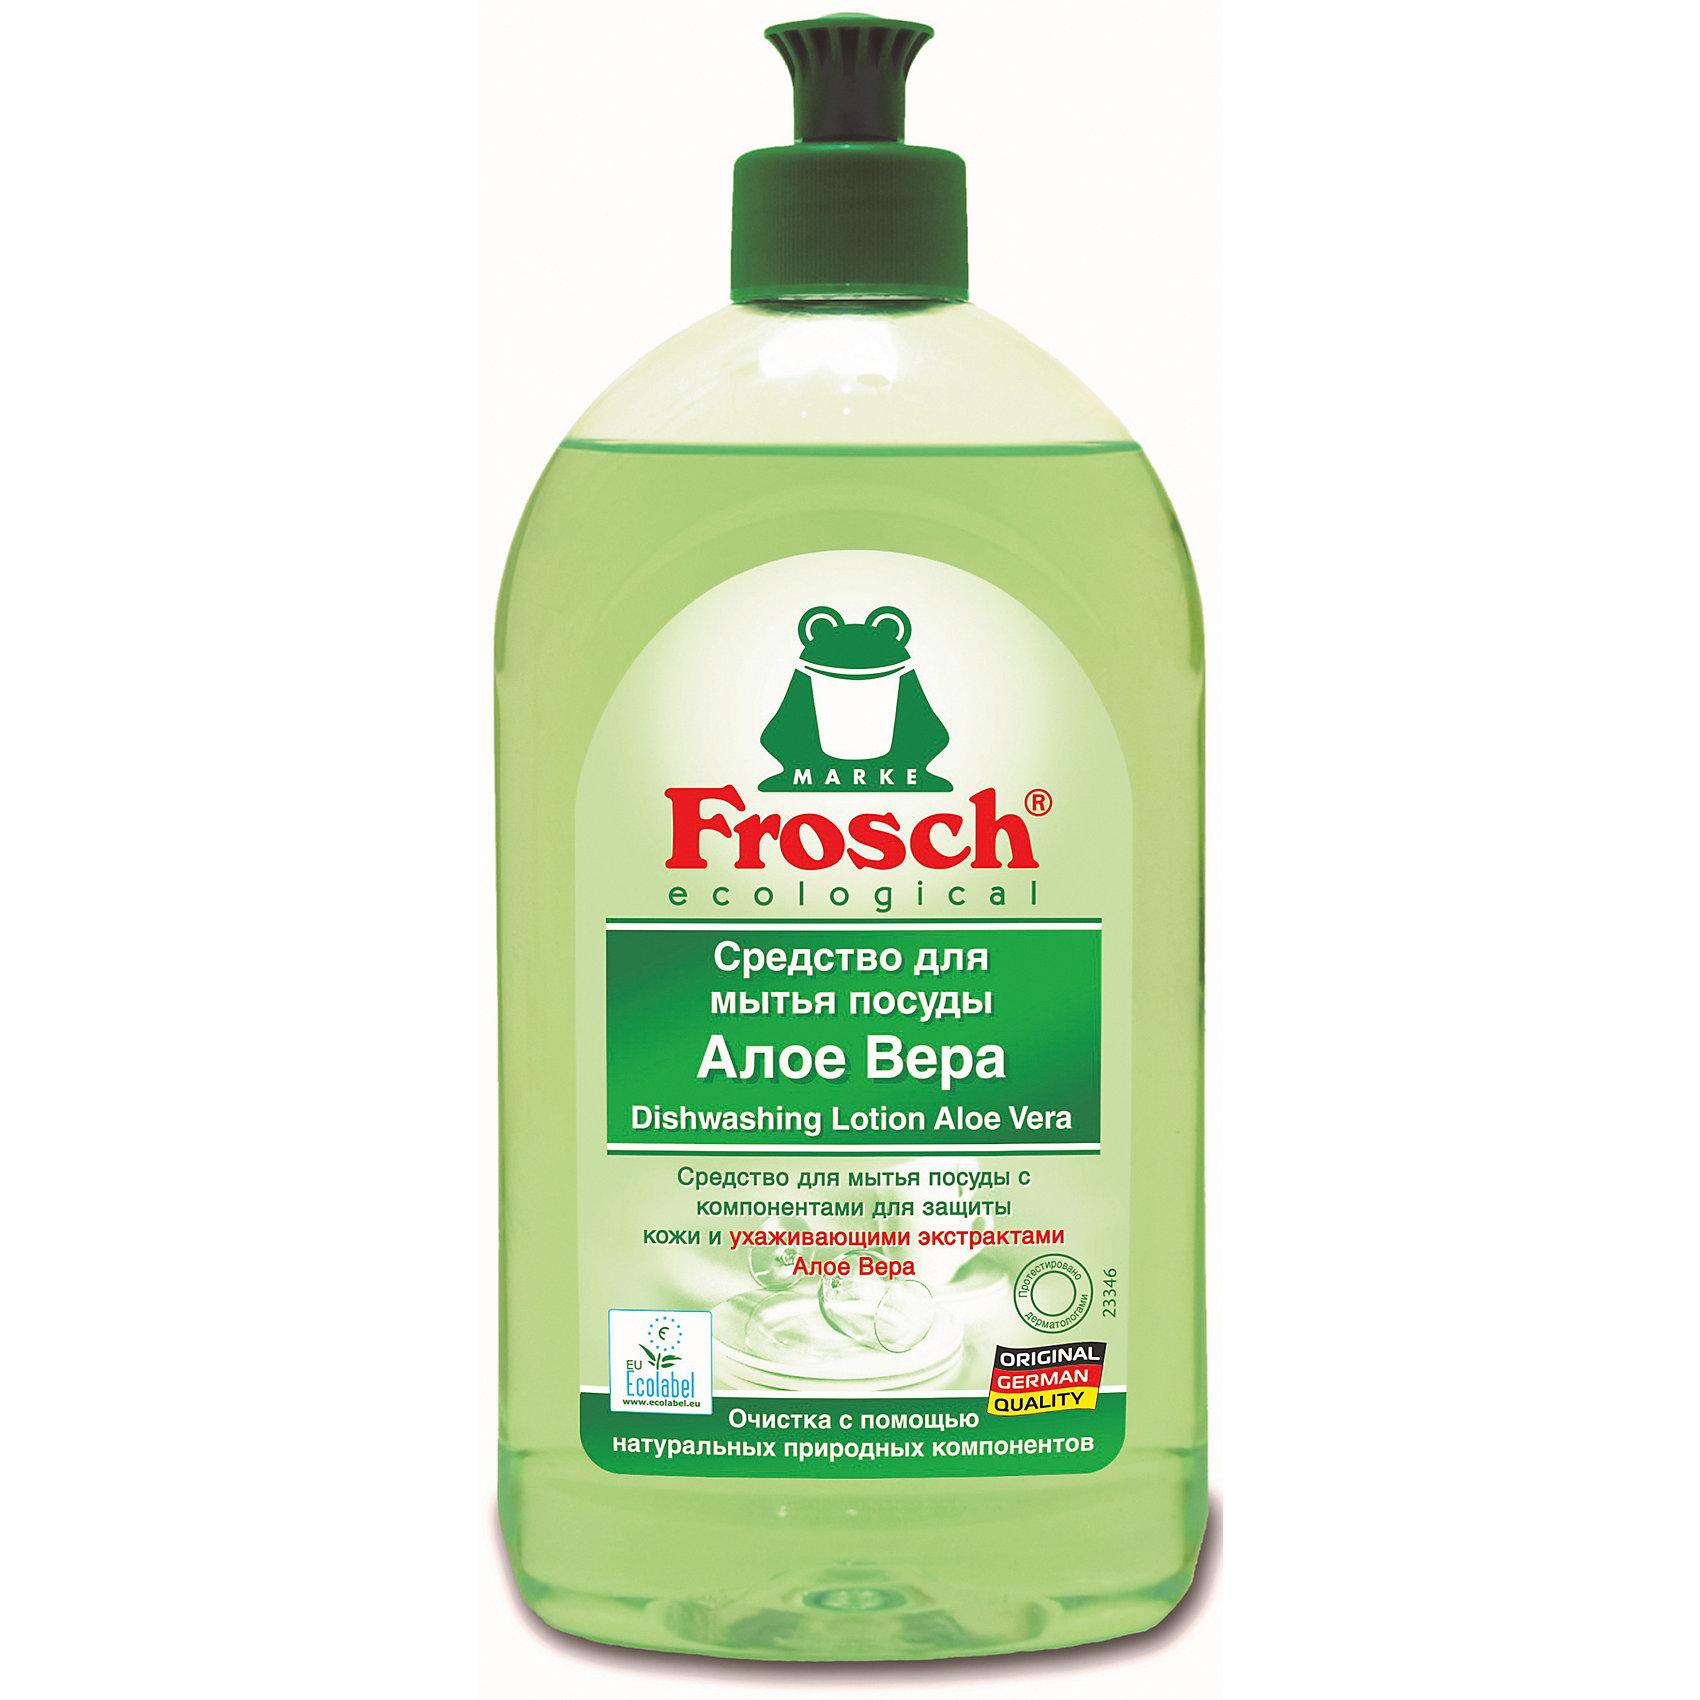 - Средство для мытья посуды Алоэ Вера, 0,5л, Frosch средство для мытья посуды миф с алоэ вера 1 л